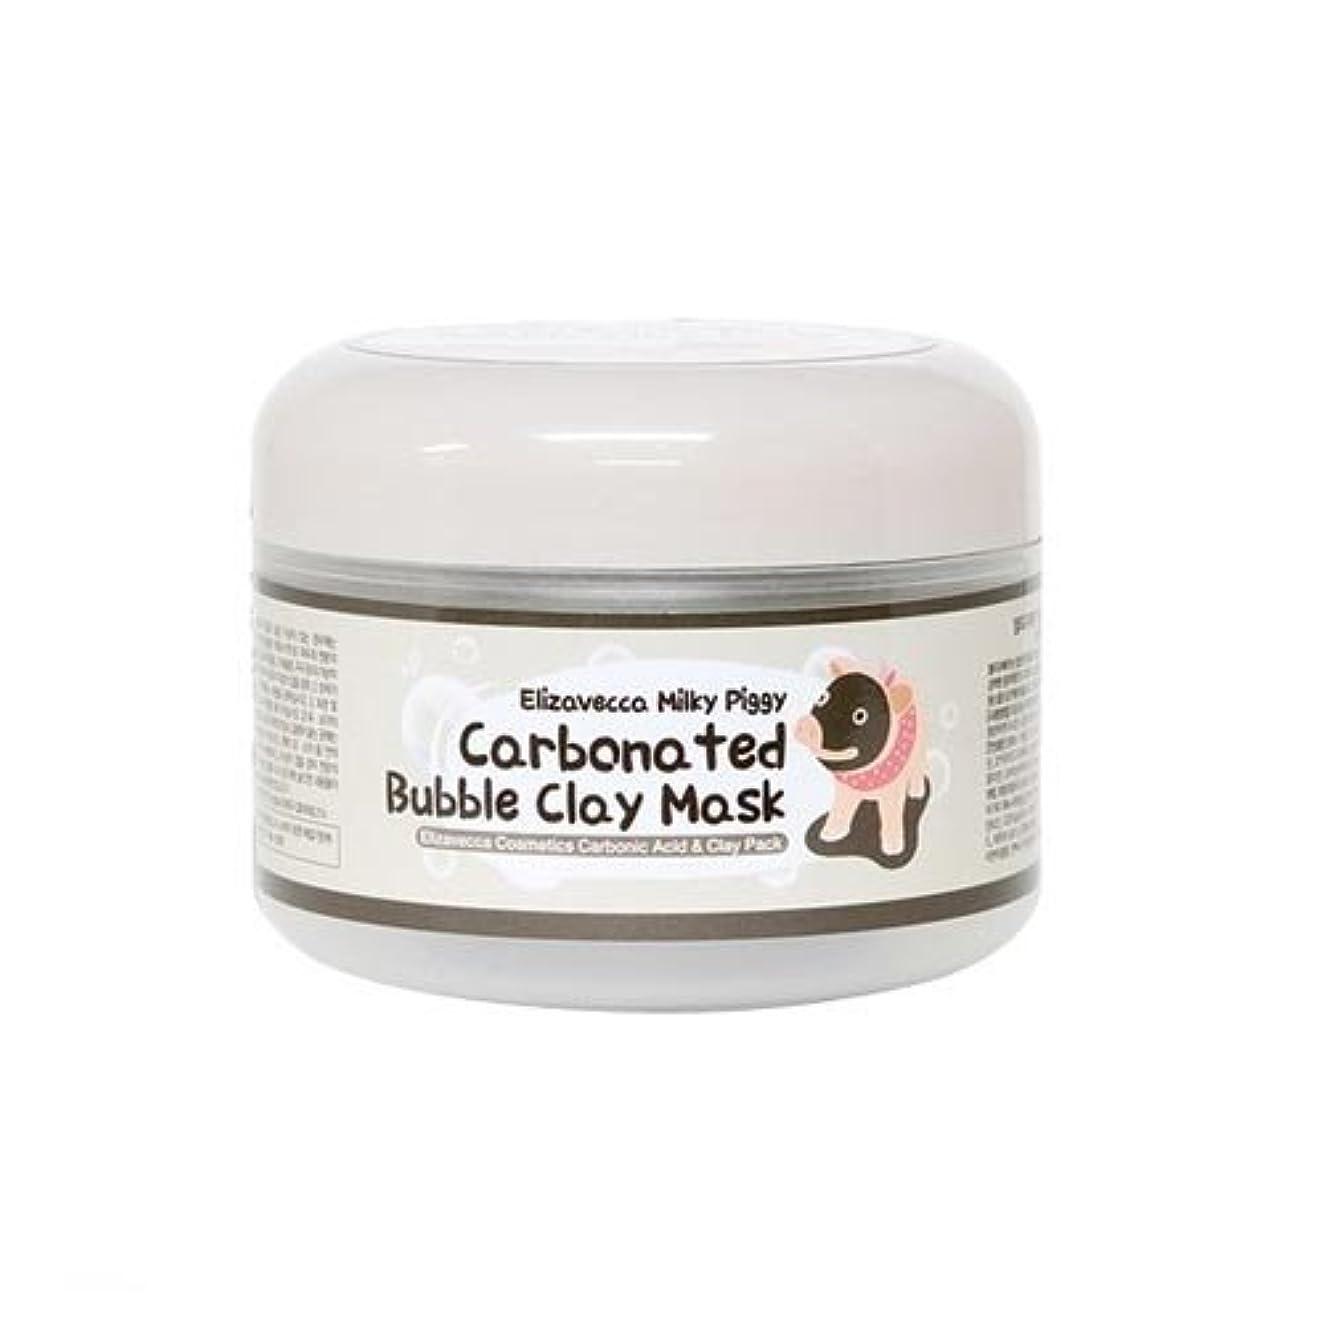 フラスコ奨学金ハグ(6 Pack) ELIZAVECCA Carbonated Bubble Clay Mask (並行輸入品)